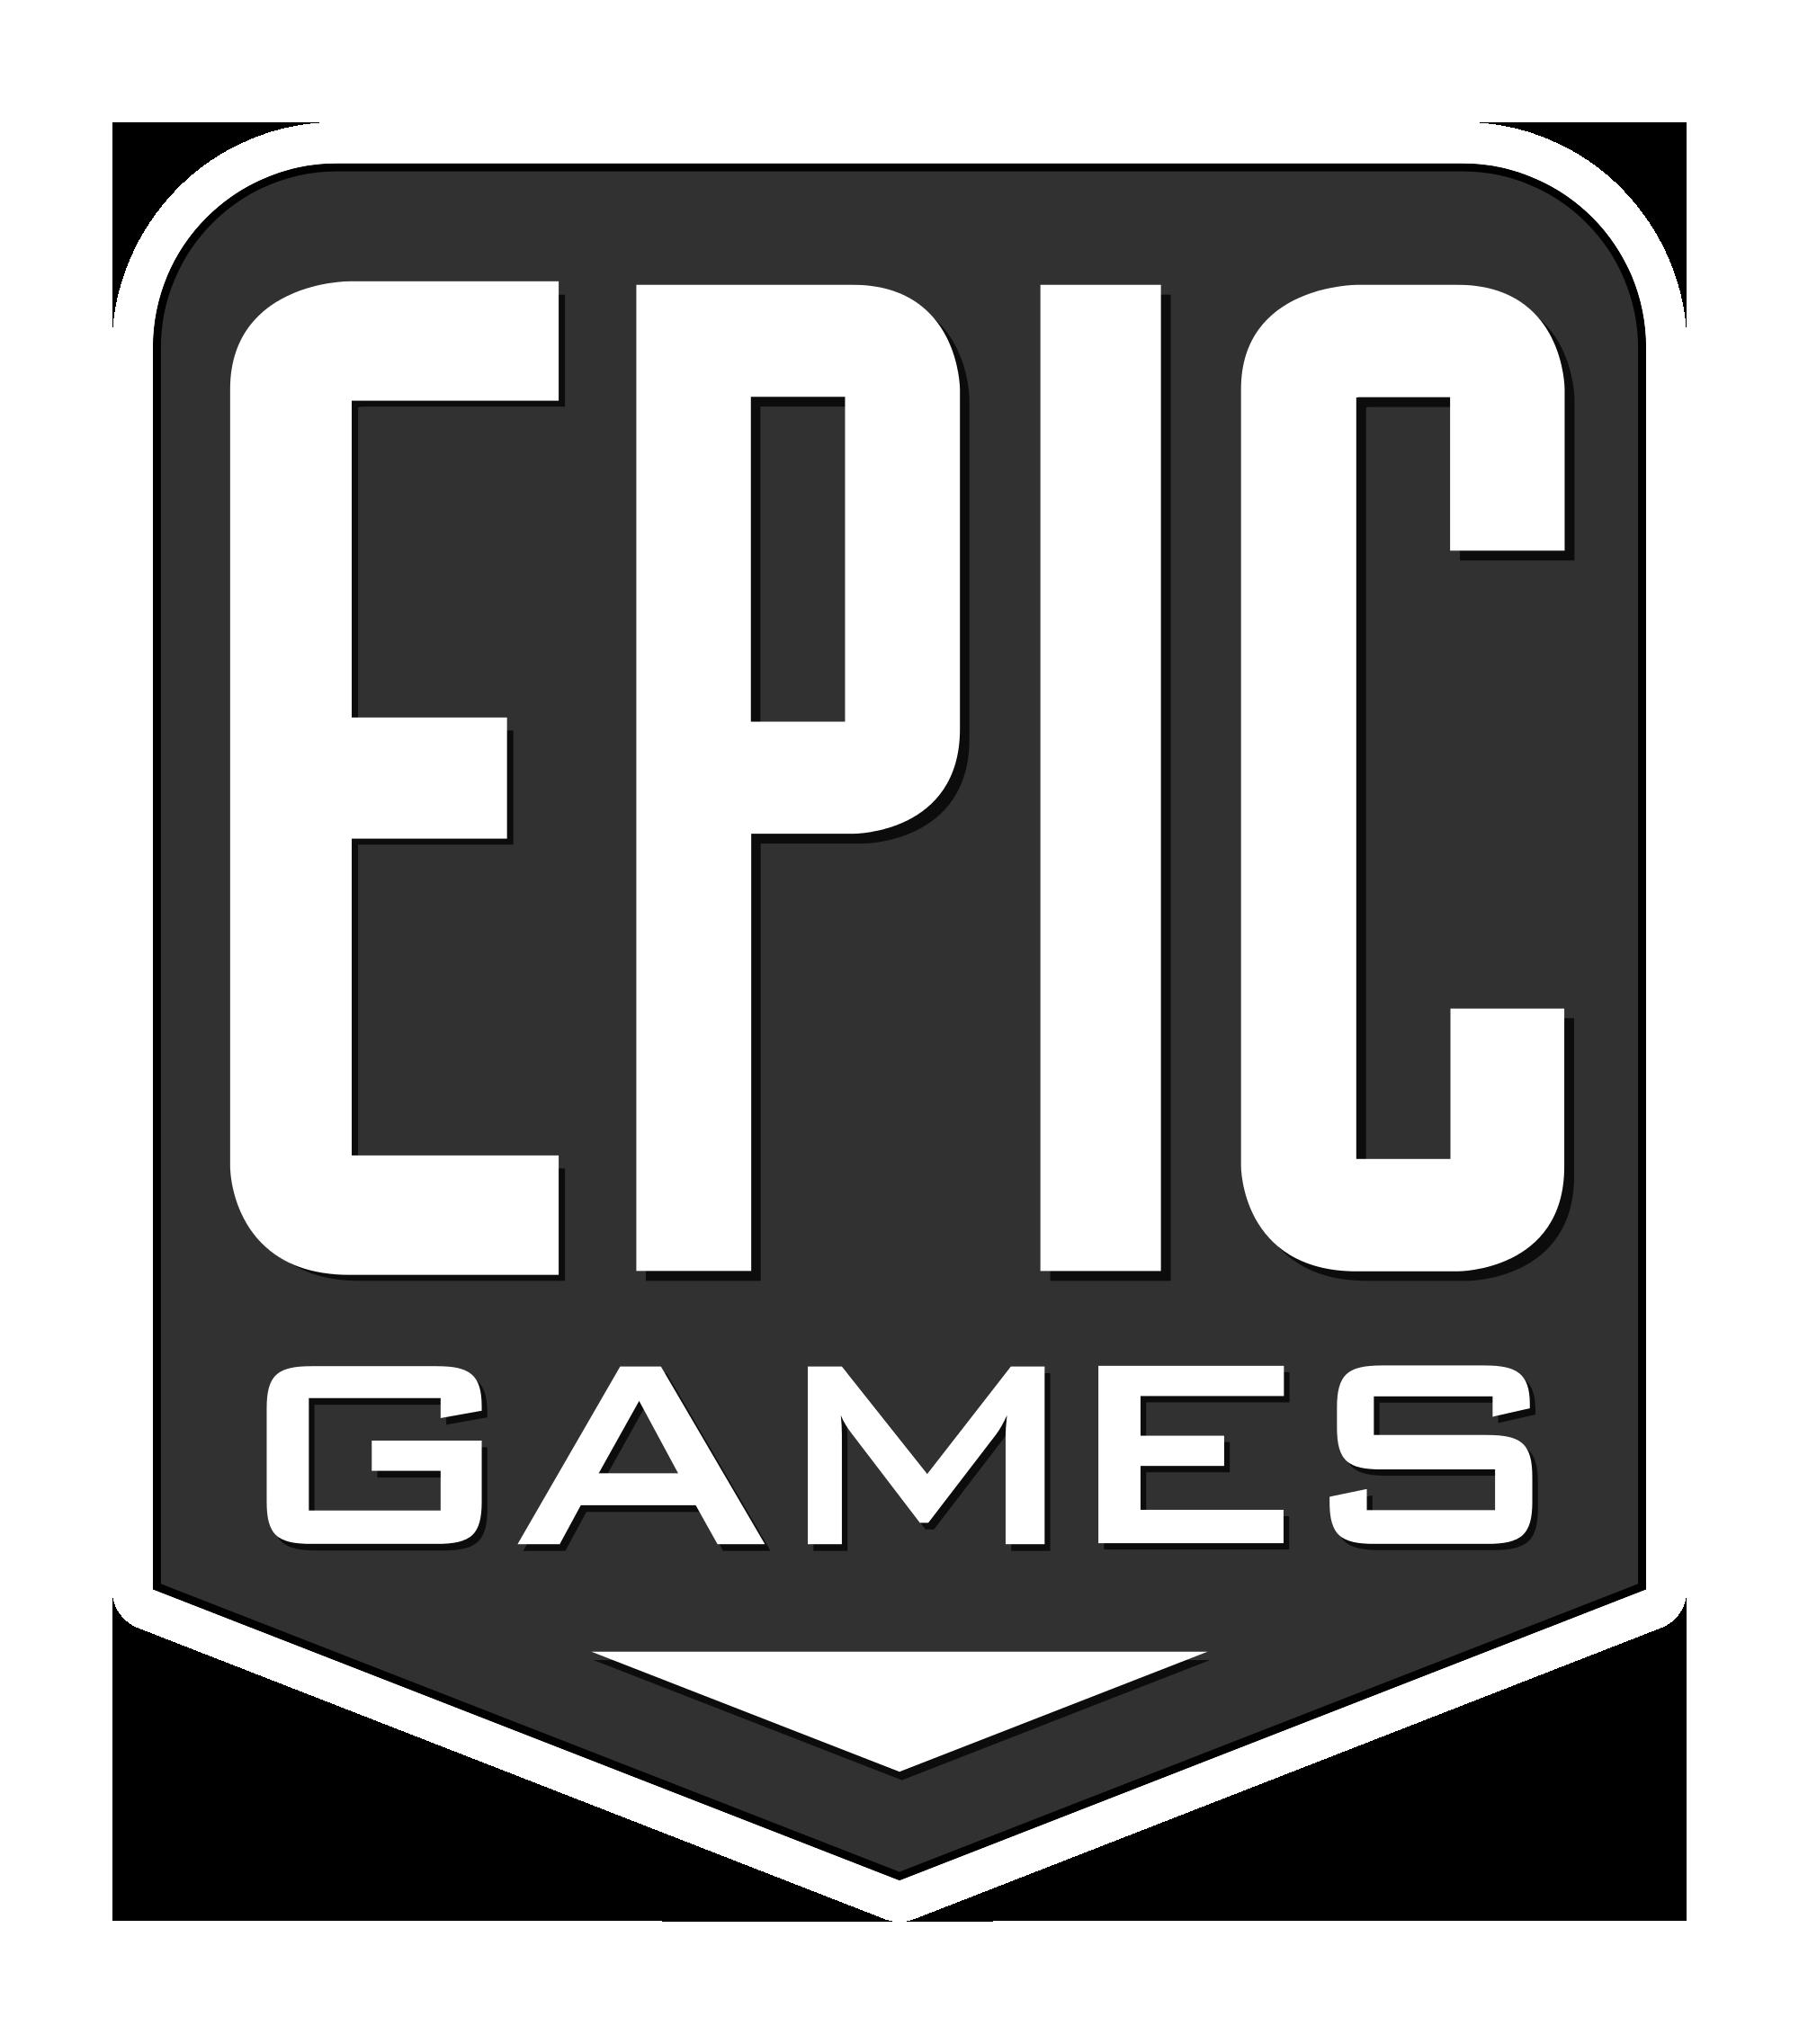 EpicGames「GTA5もボダラン2もARKもタダで配るで~」←こいつが天下取れない理由